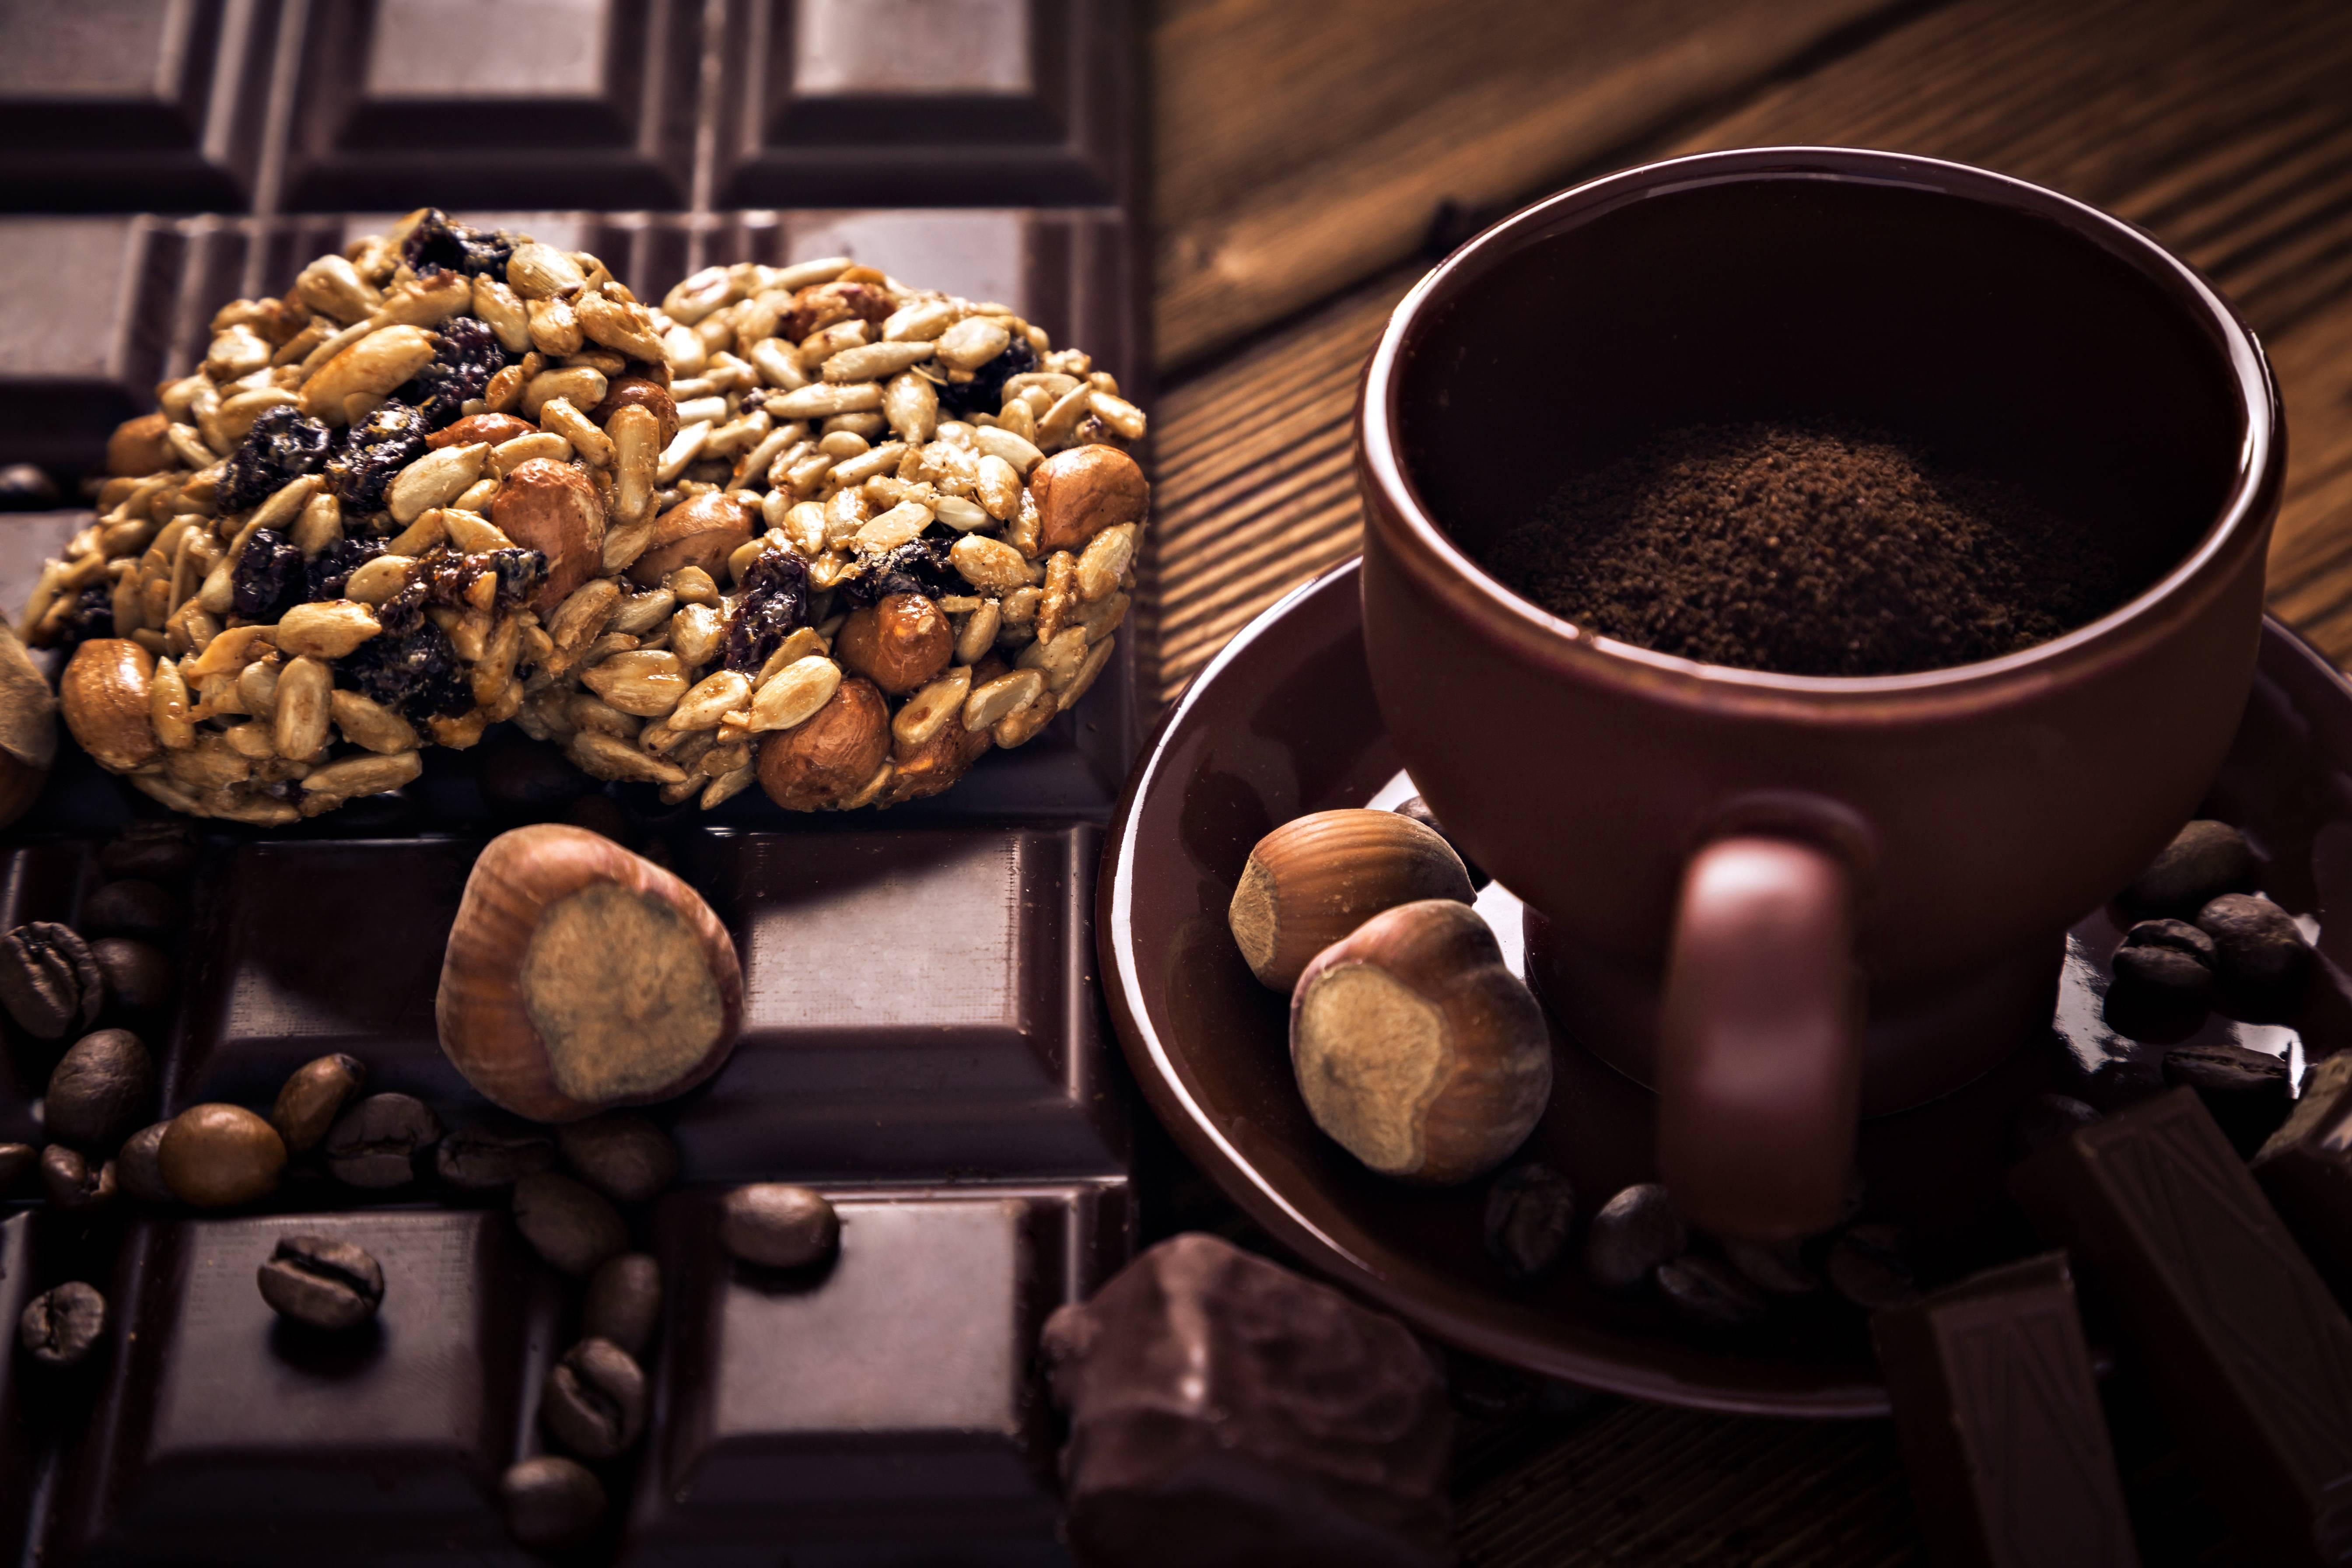 Результат шоколадной диеты на 7 дней (1 неделя), а именно фото до и после, описание меню и как похудеть за 1 и 3 суток с помощью кофе, можно ли за неделю скинуть 5-6 кг?